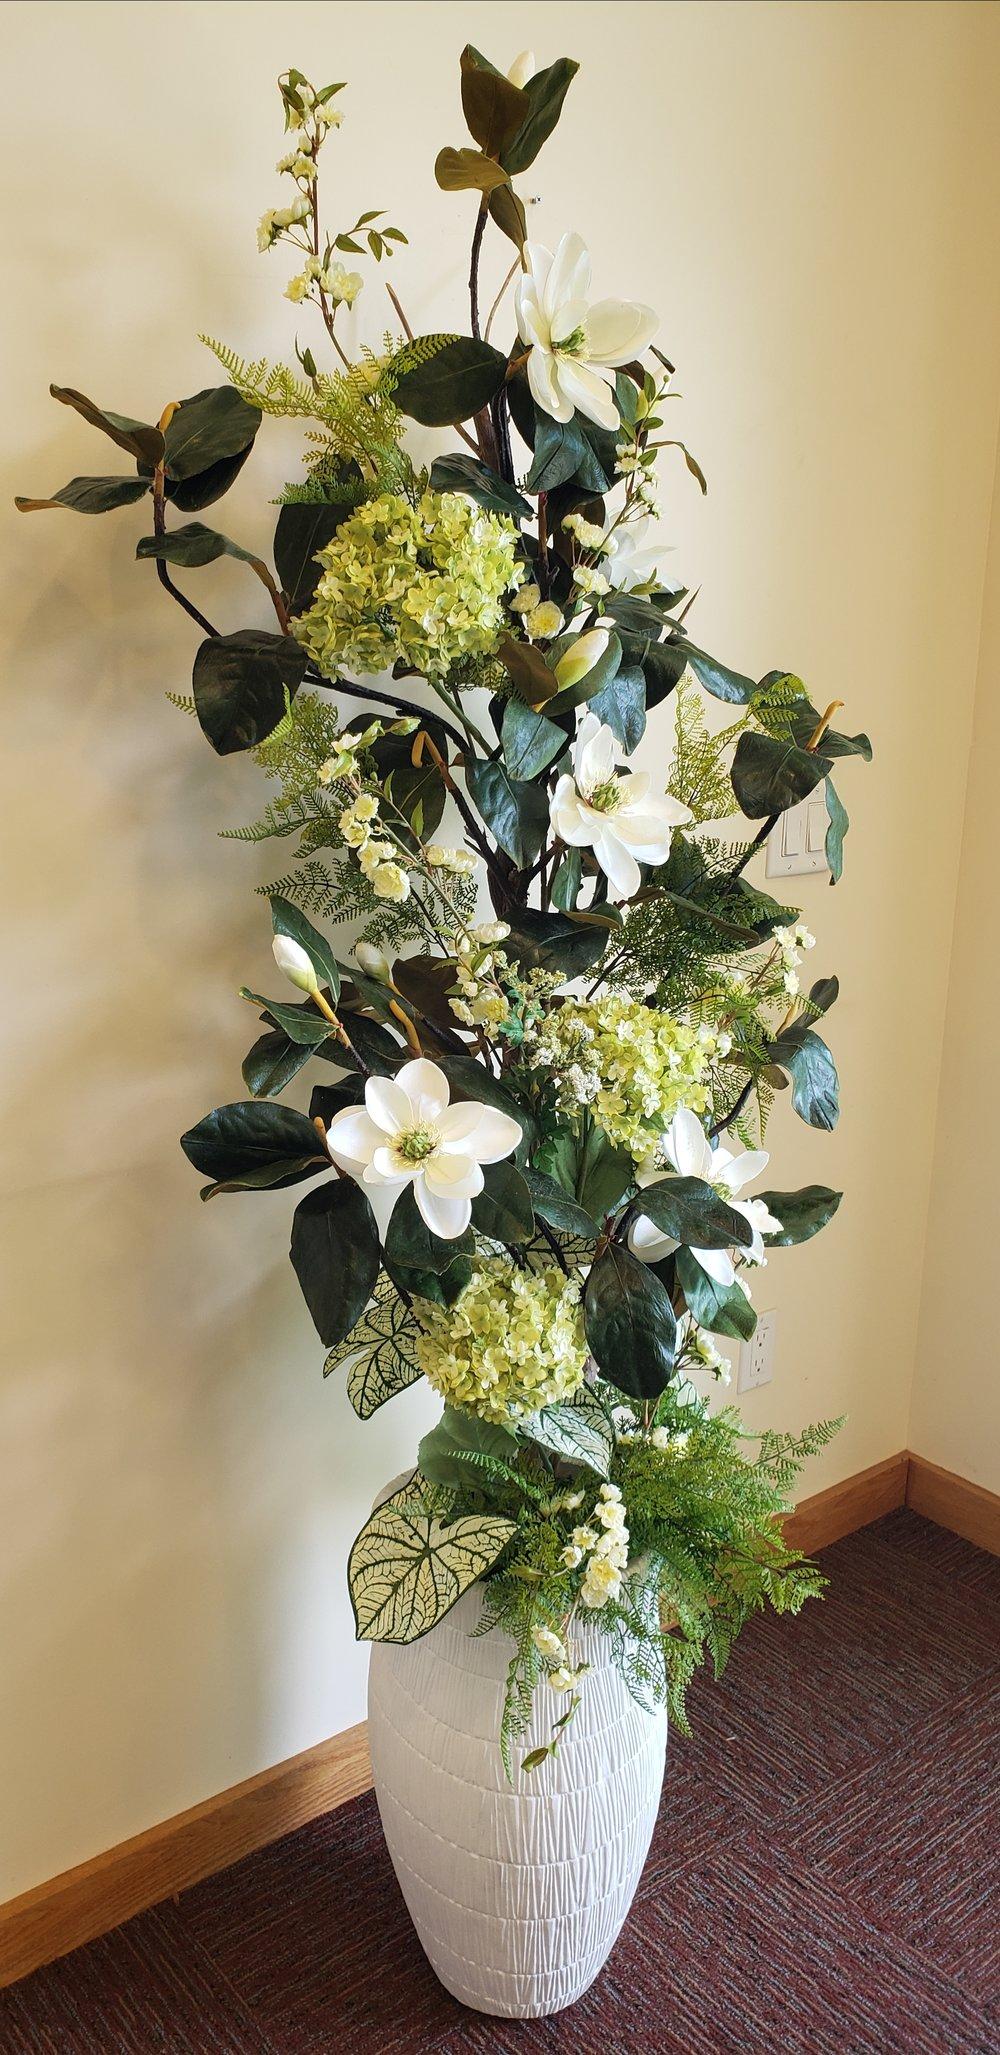 Magnolia Arrangement in tall vase